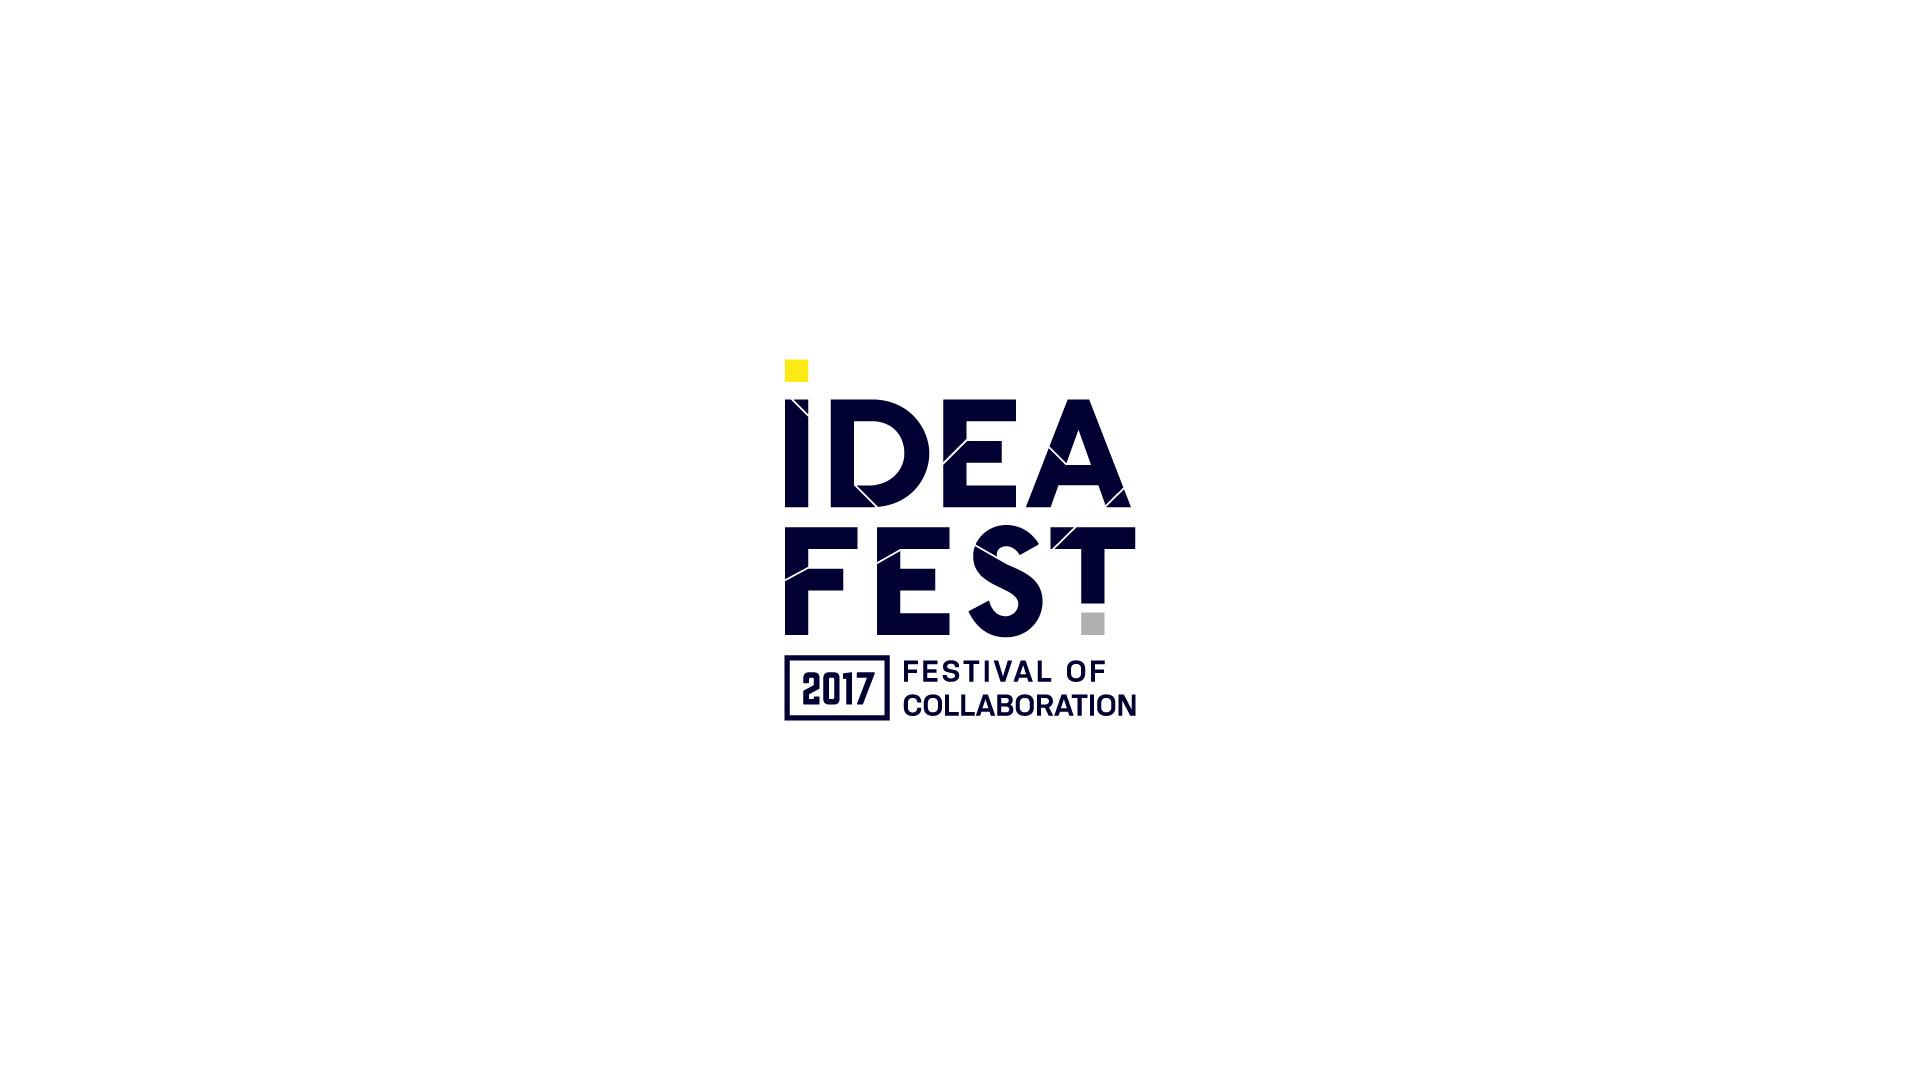 Ideafest_Logo_2017 (1).jpg